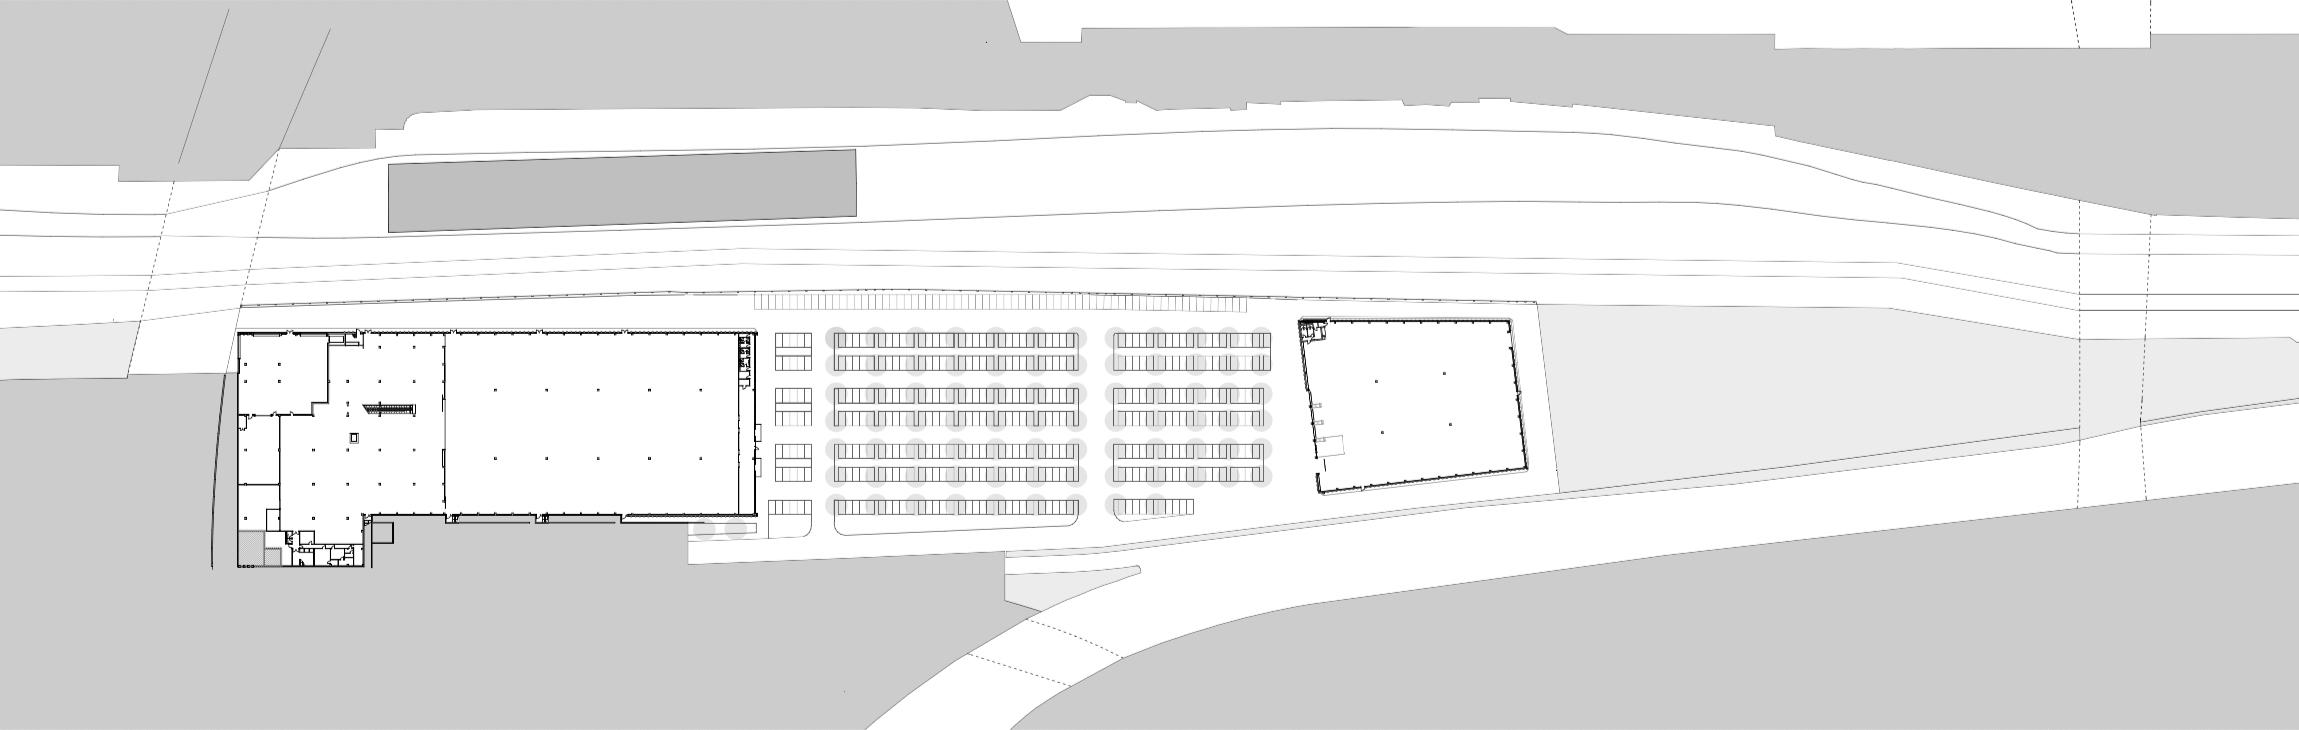 bauhaus fachcentrum berlin halensee m ller reimann architekten. Black Bedroom Furniture Sets. Home Design Ideas